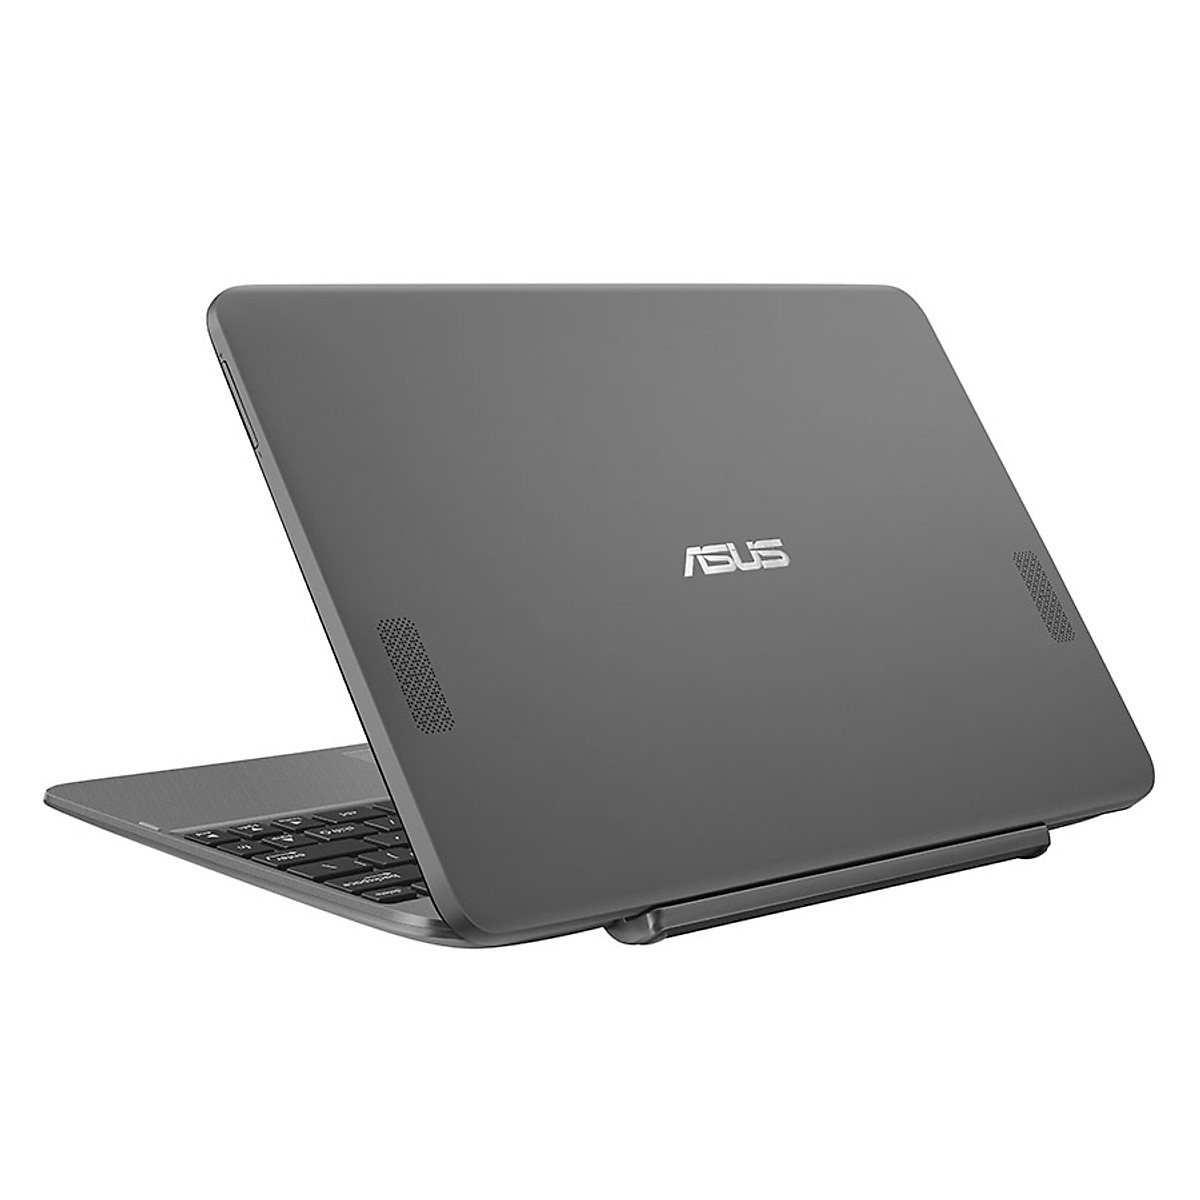 Laptop giá rẻ dưới 5 triệu ( 6 )